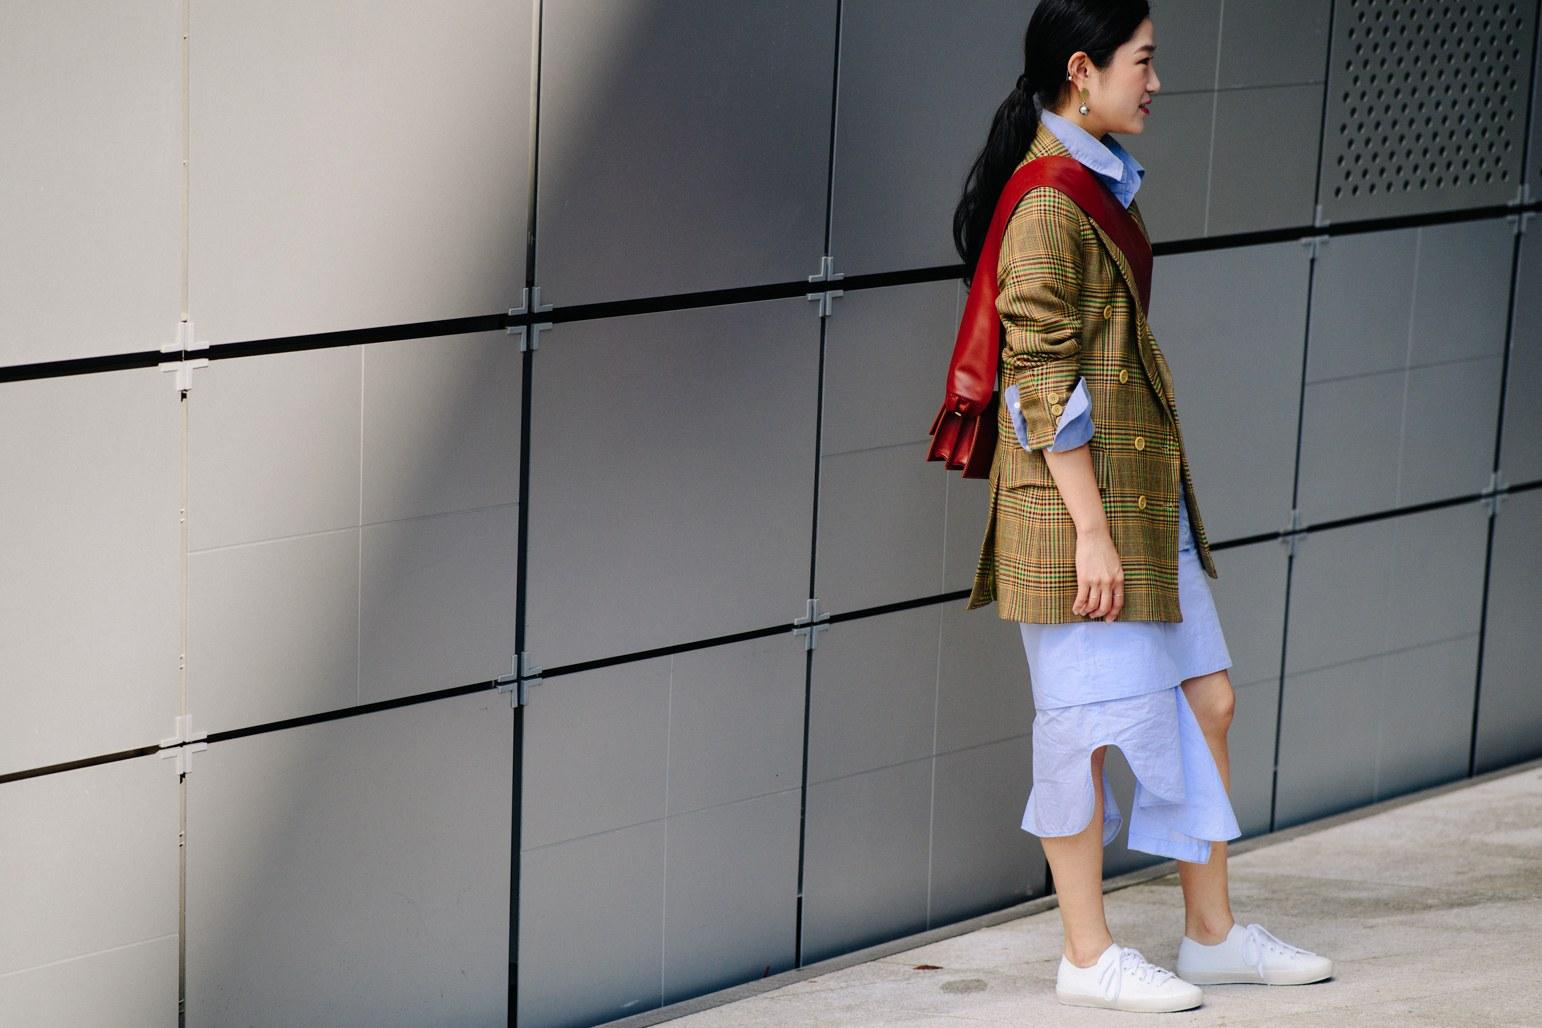 Seoul Fashion Week: Riêng về street style, giới trẻ Hàn nào có thua kém các ngôi sao nổi tiếng - Ảnh 2.